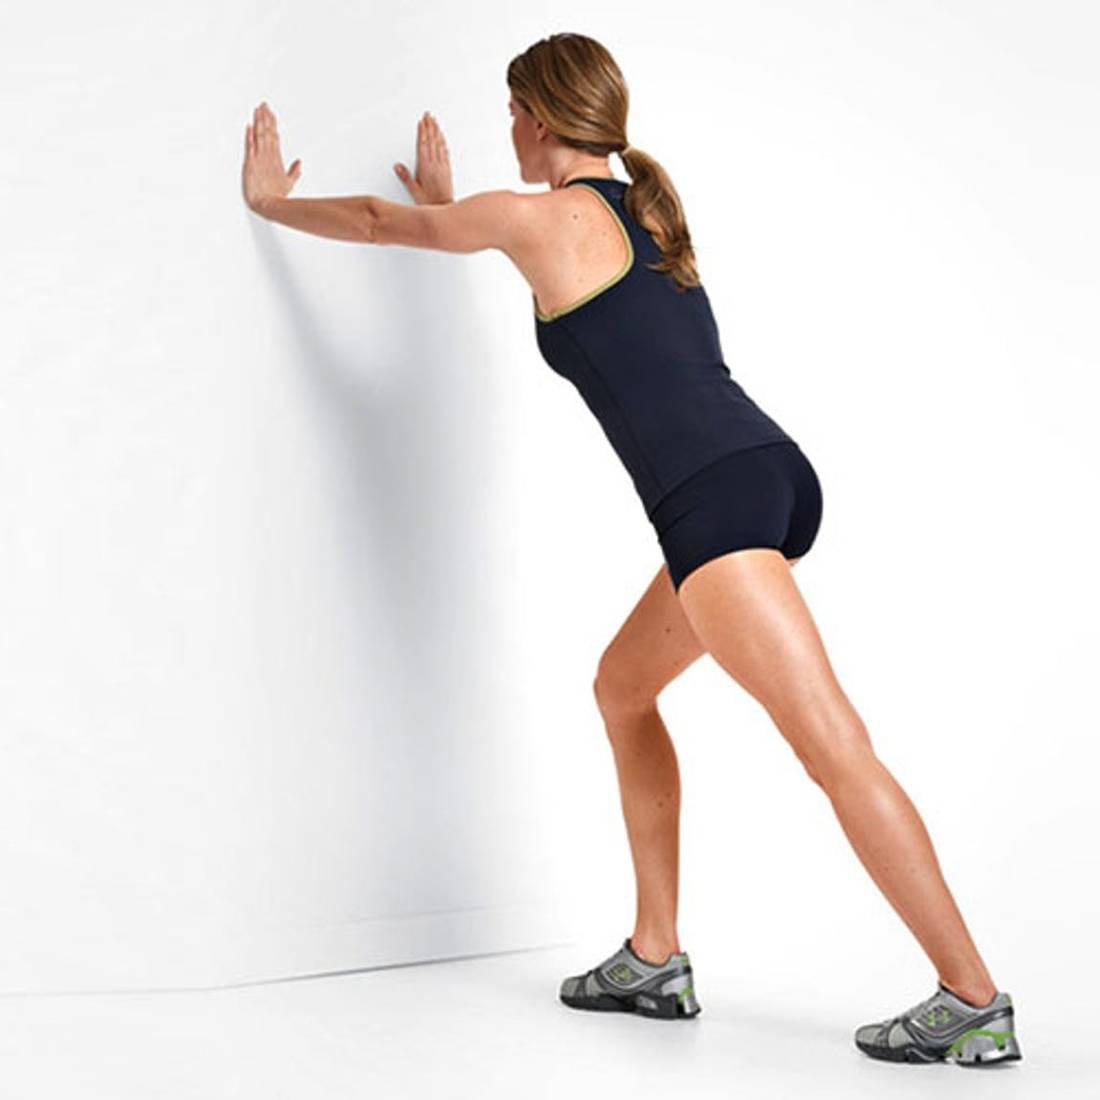 Растяжка икроножных мышц в домашних условиях: упражнения для расслабления